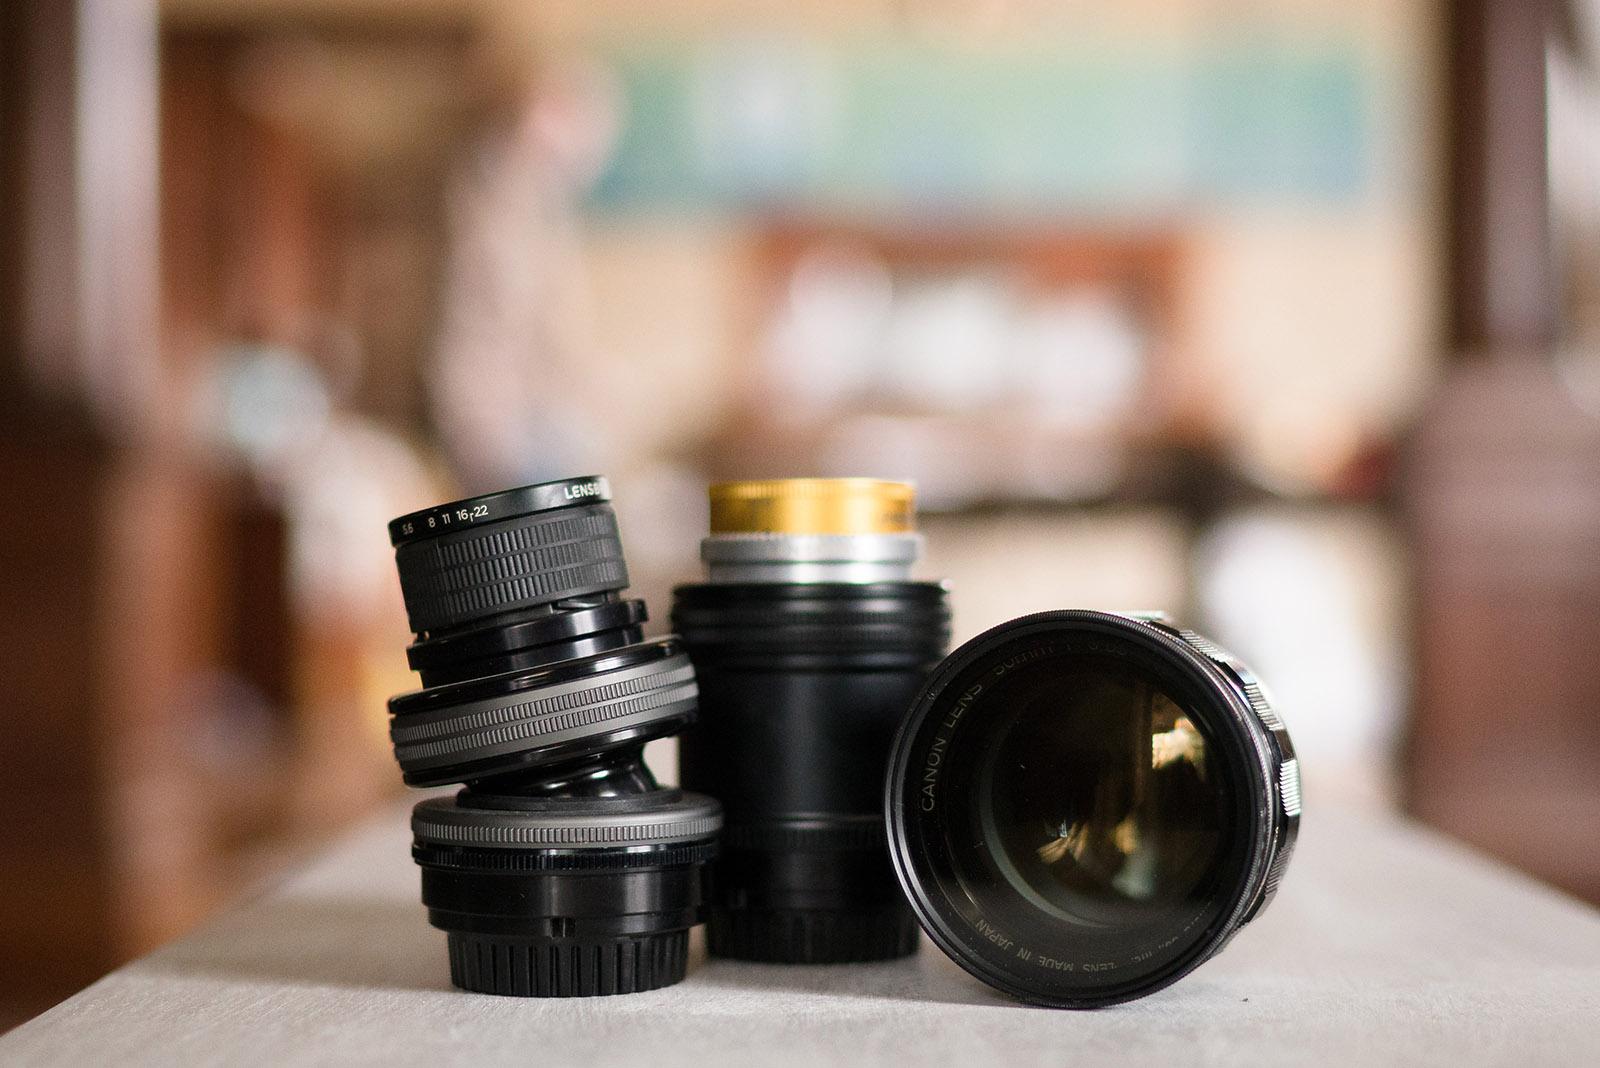 Lensbaby lenses by Caroline Jensen